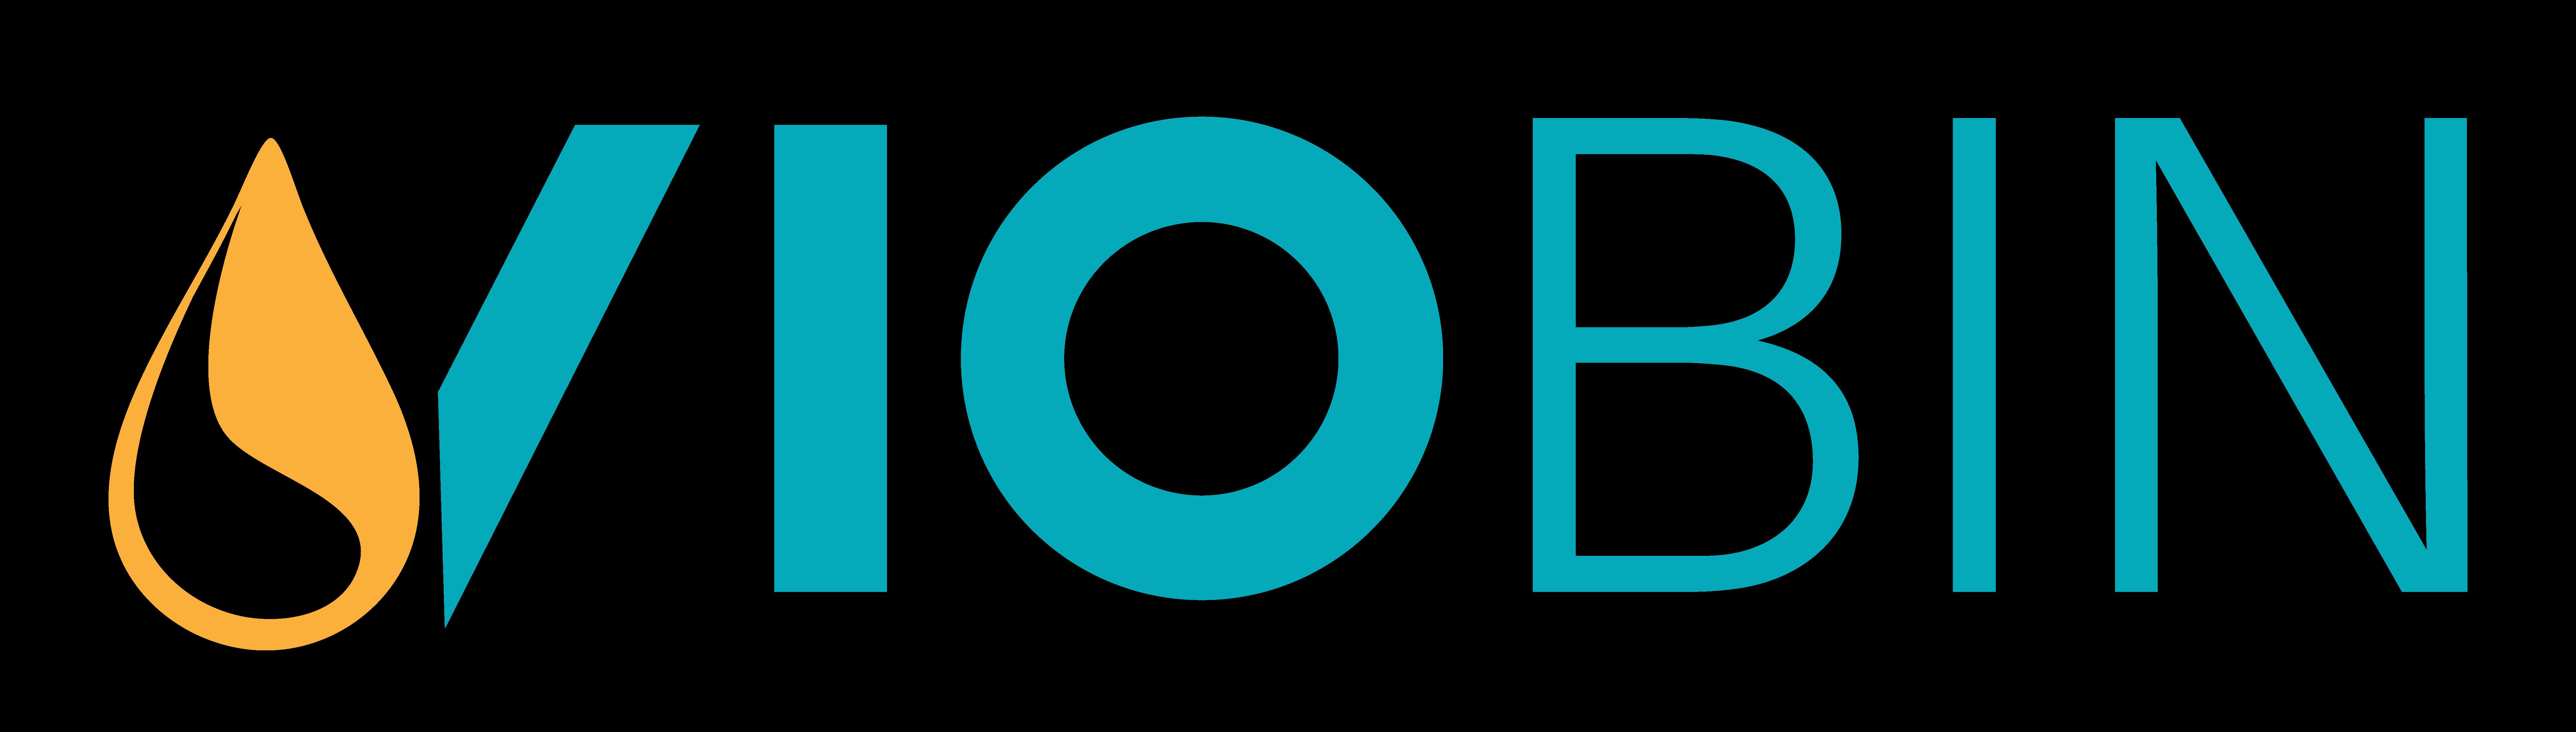 Large-Viobin-Logo